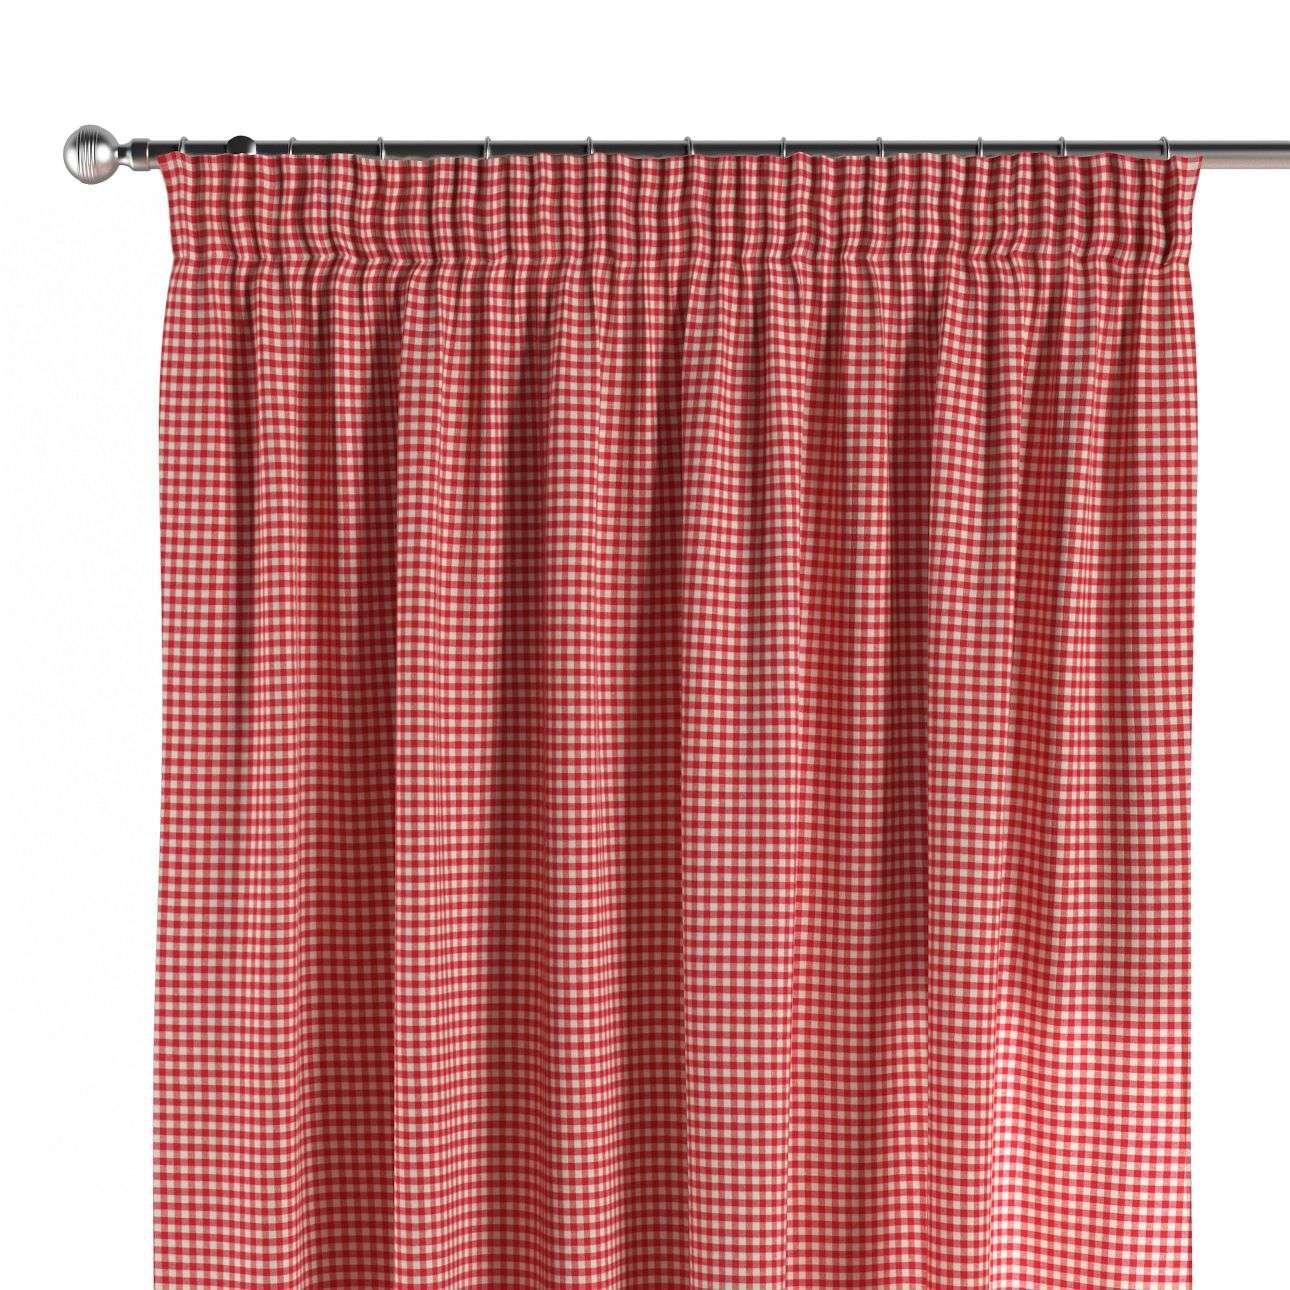 Záves na riasiacej páske 130 × 260 cm V kolekcii Quadro, tkanina: 136-15